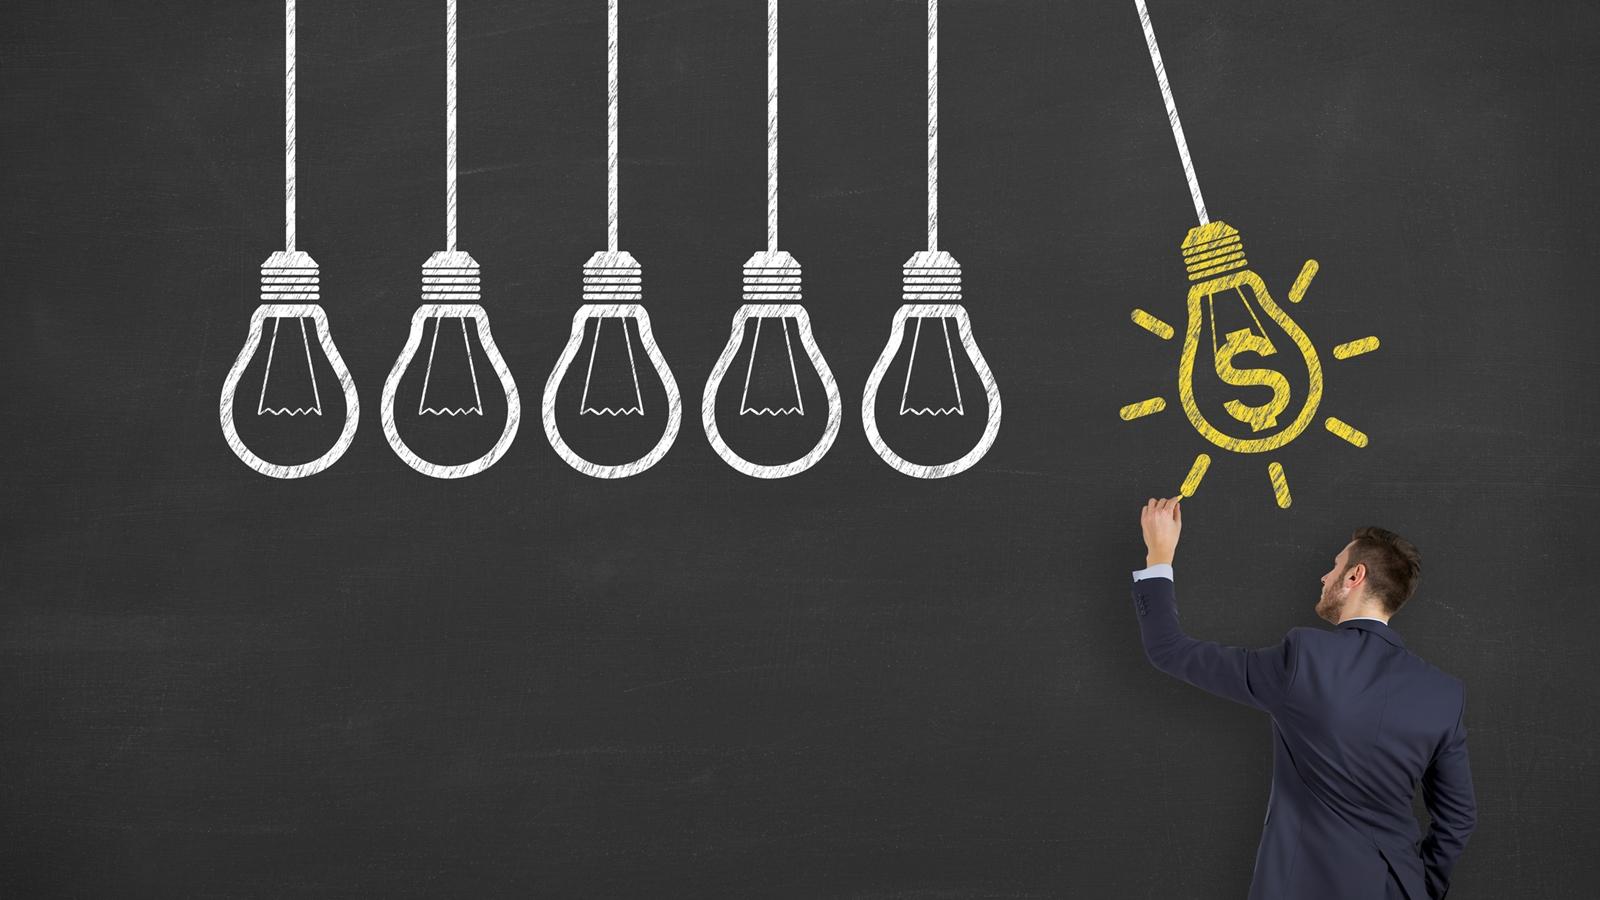 هل من الممكن أستفيد بأعمالي التجارية من موقع صراحة ؟